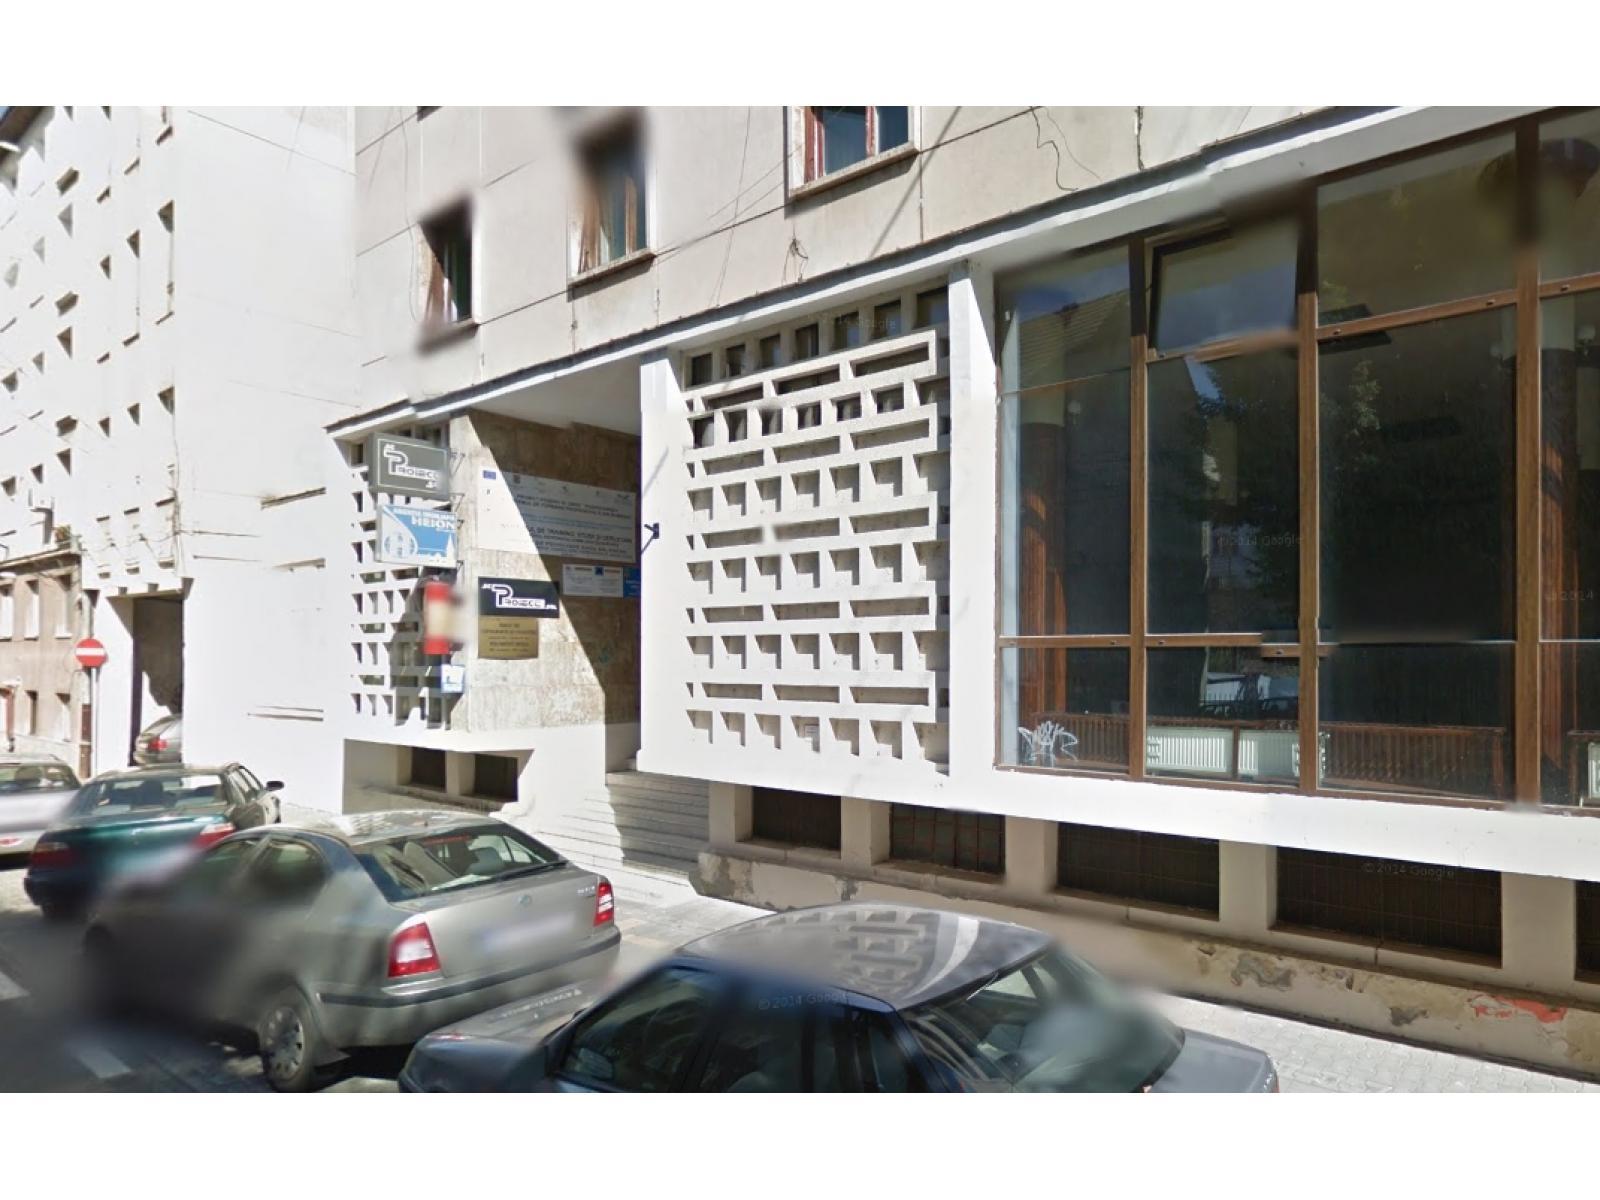 Cabinet de psihologie, psihoterapie, sexologie Tirgu-Mures si ONLIN... - 000_Cabinet.jpg